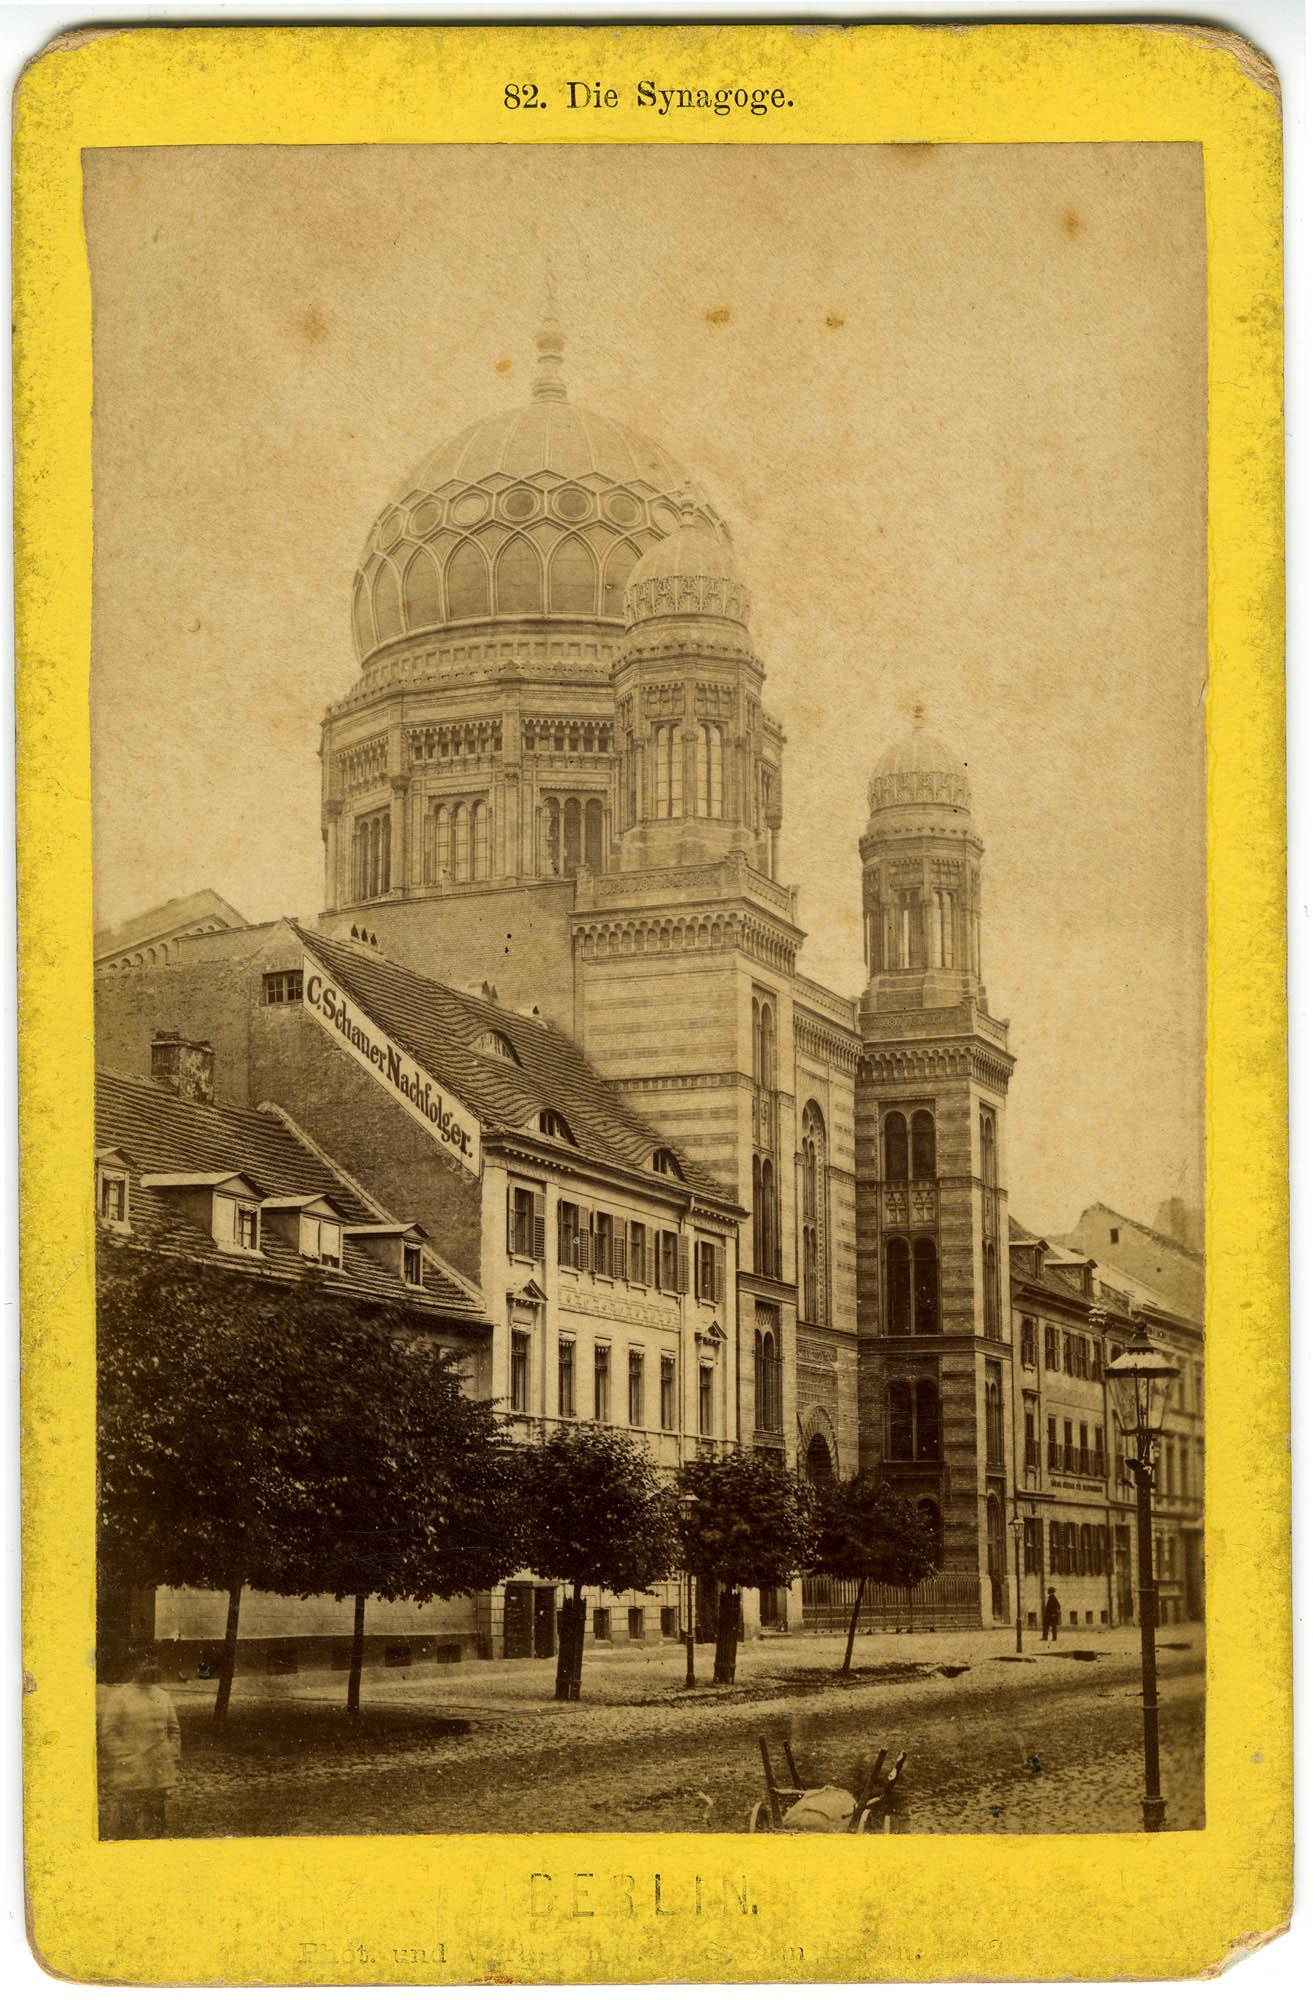 Die Synagoge. Berlin.